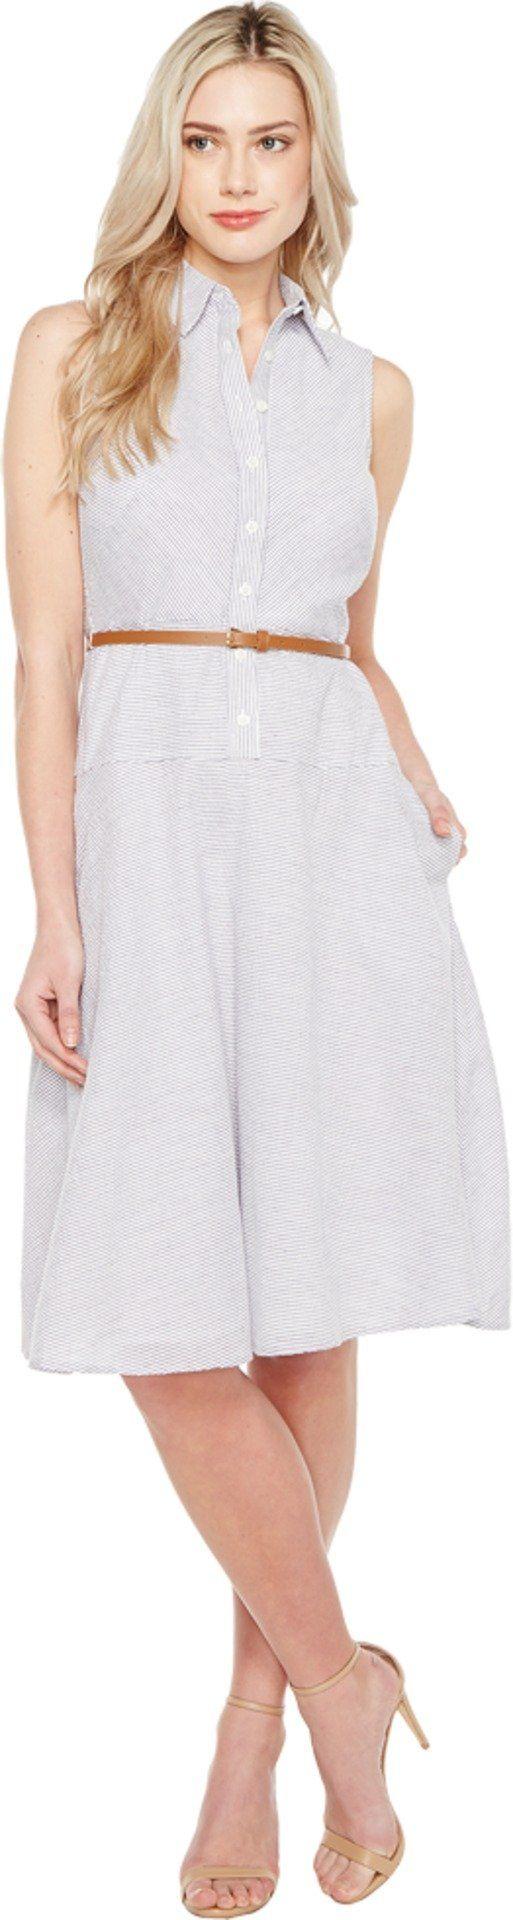 Donna Morgan Women's Drop Waist Shirt Dress, Oxford Blue/White, 14